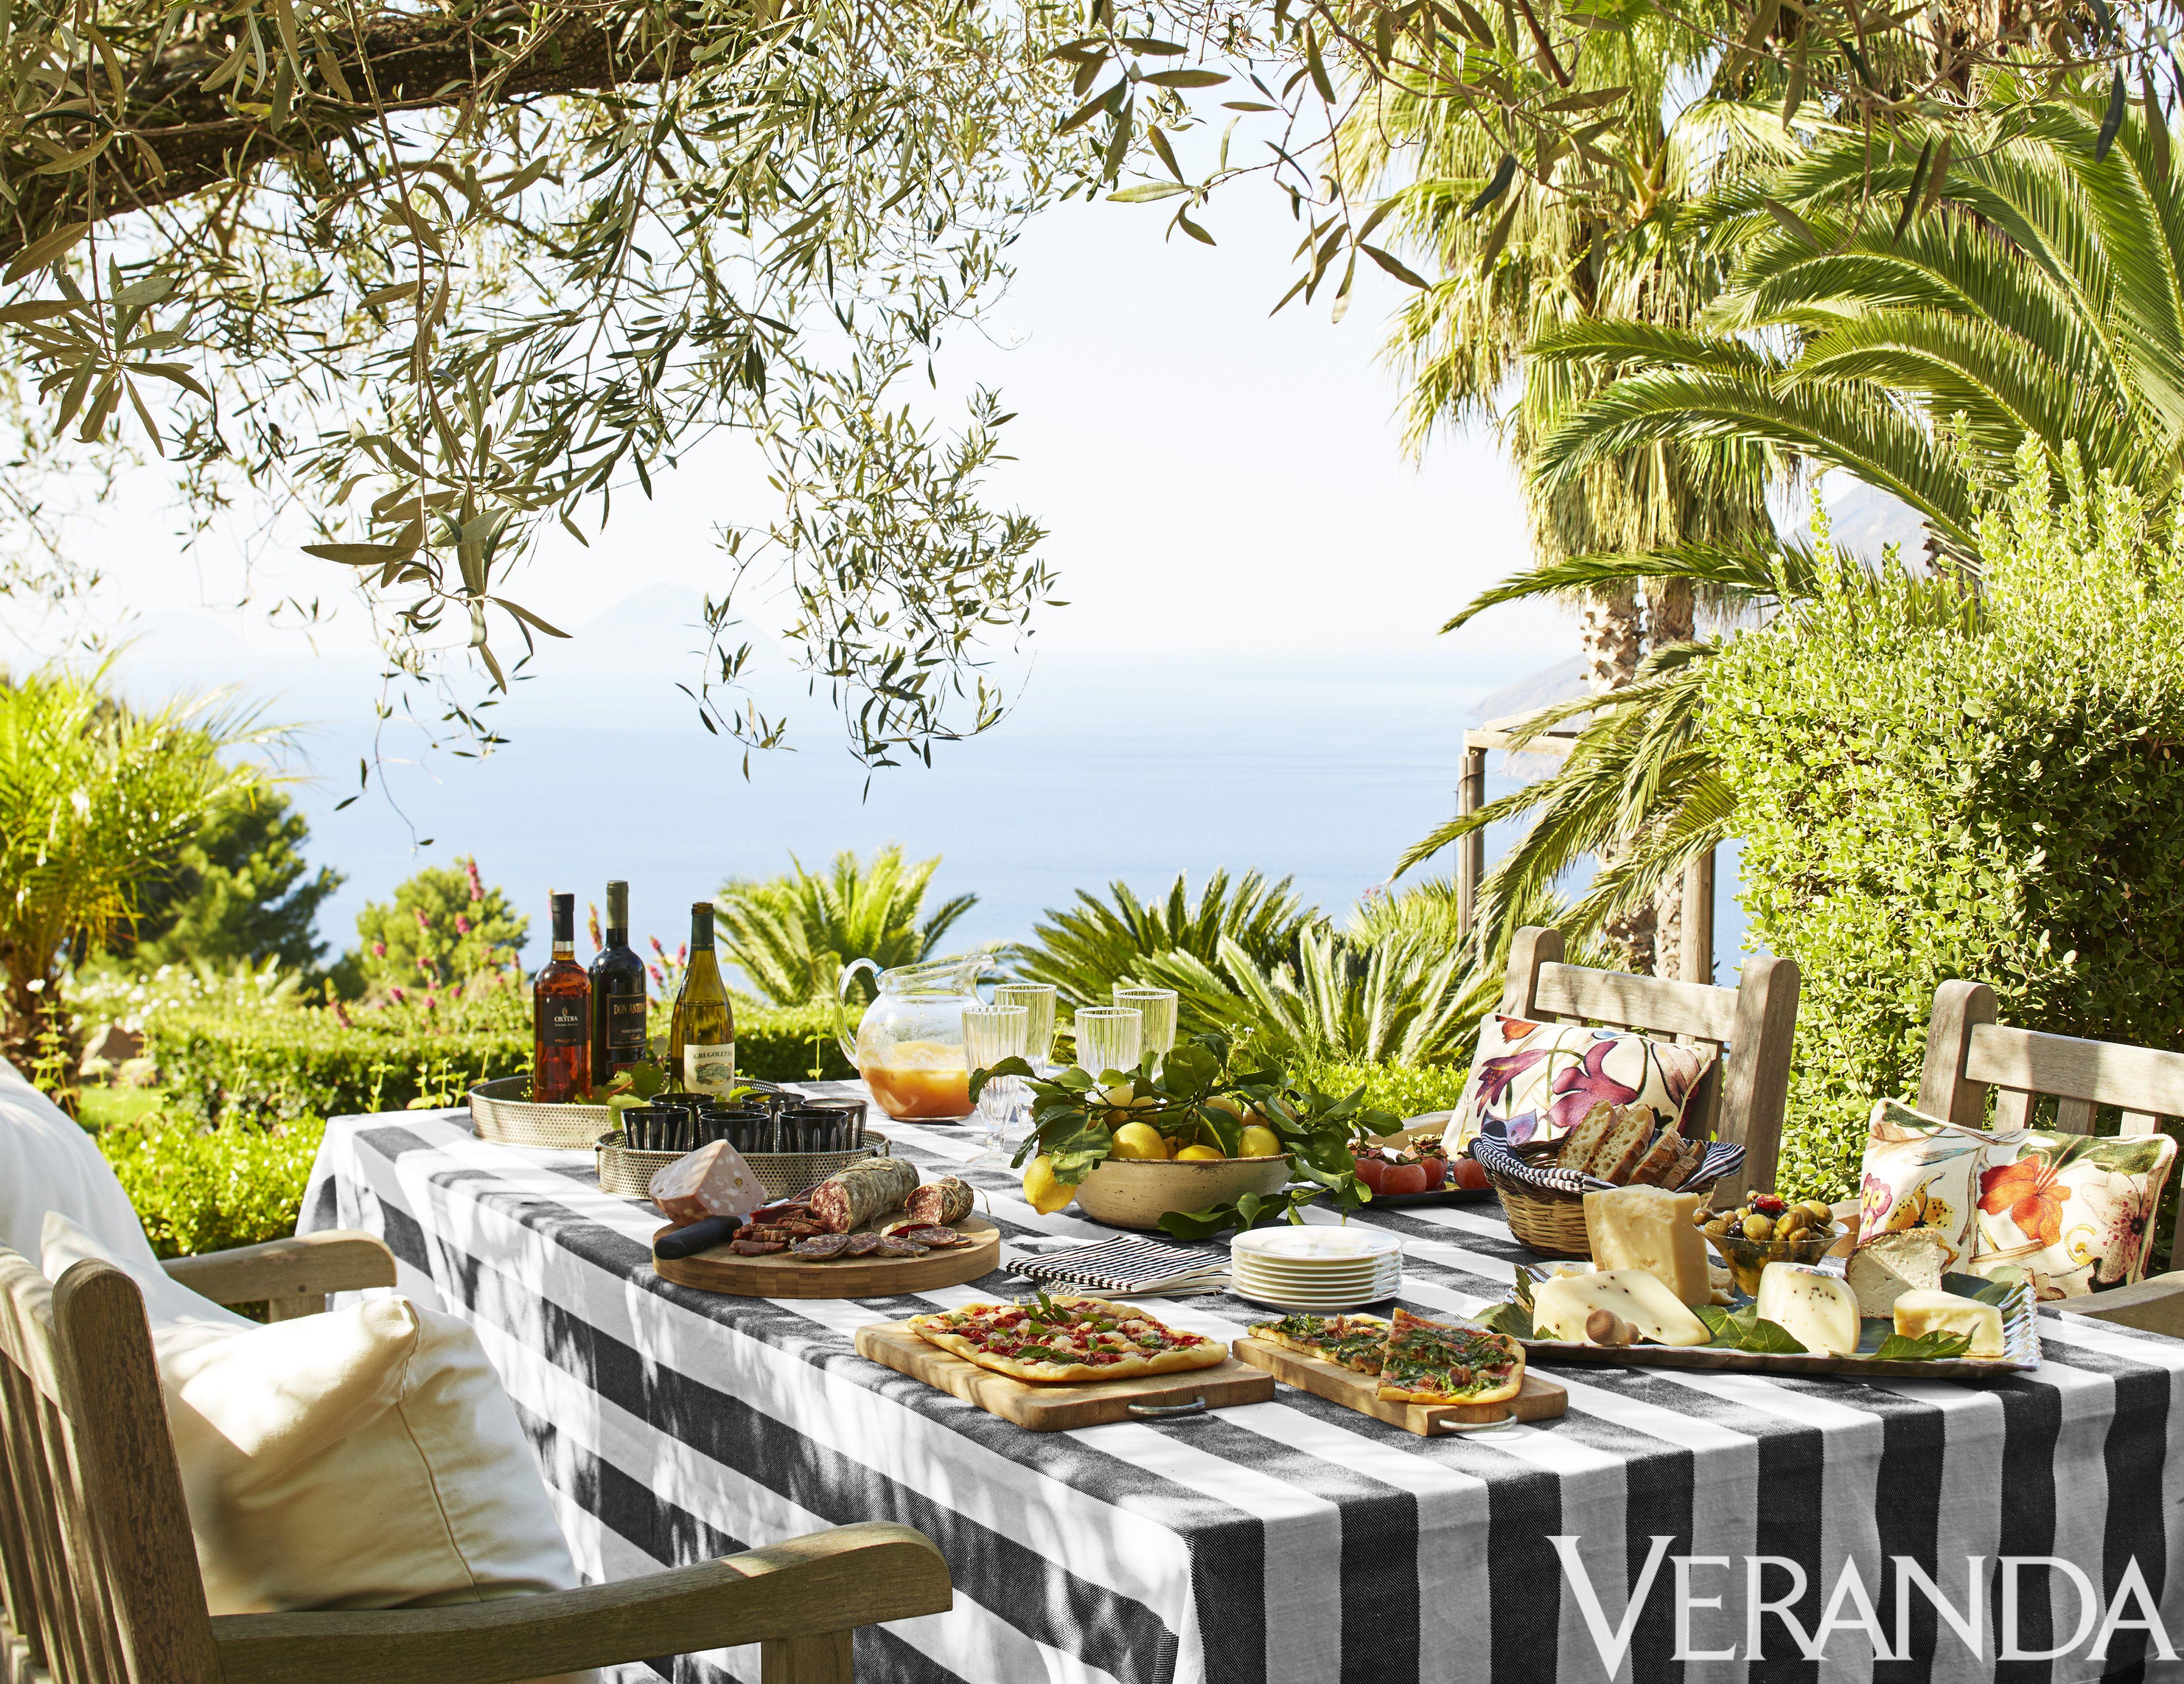 10 best outdoor rooms pretty gazebos gardens u0026 outdoor spaces